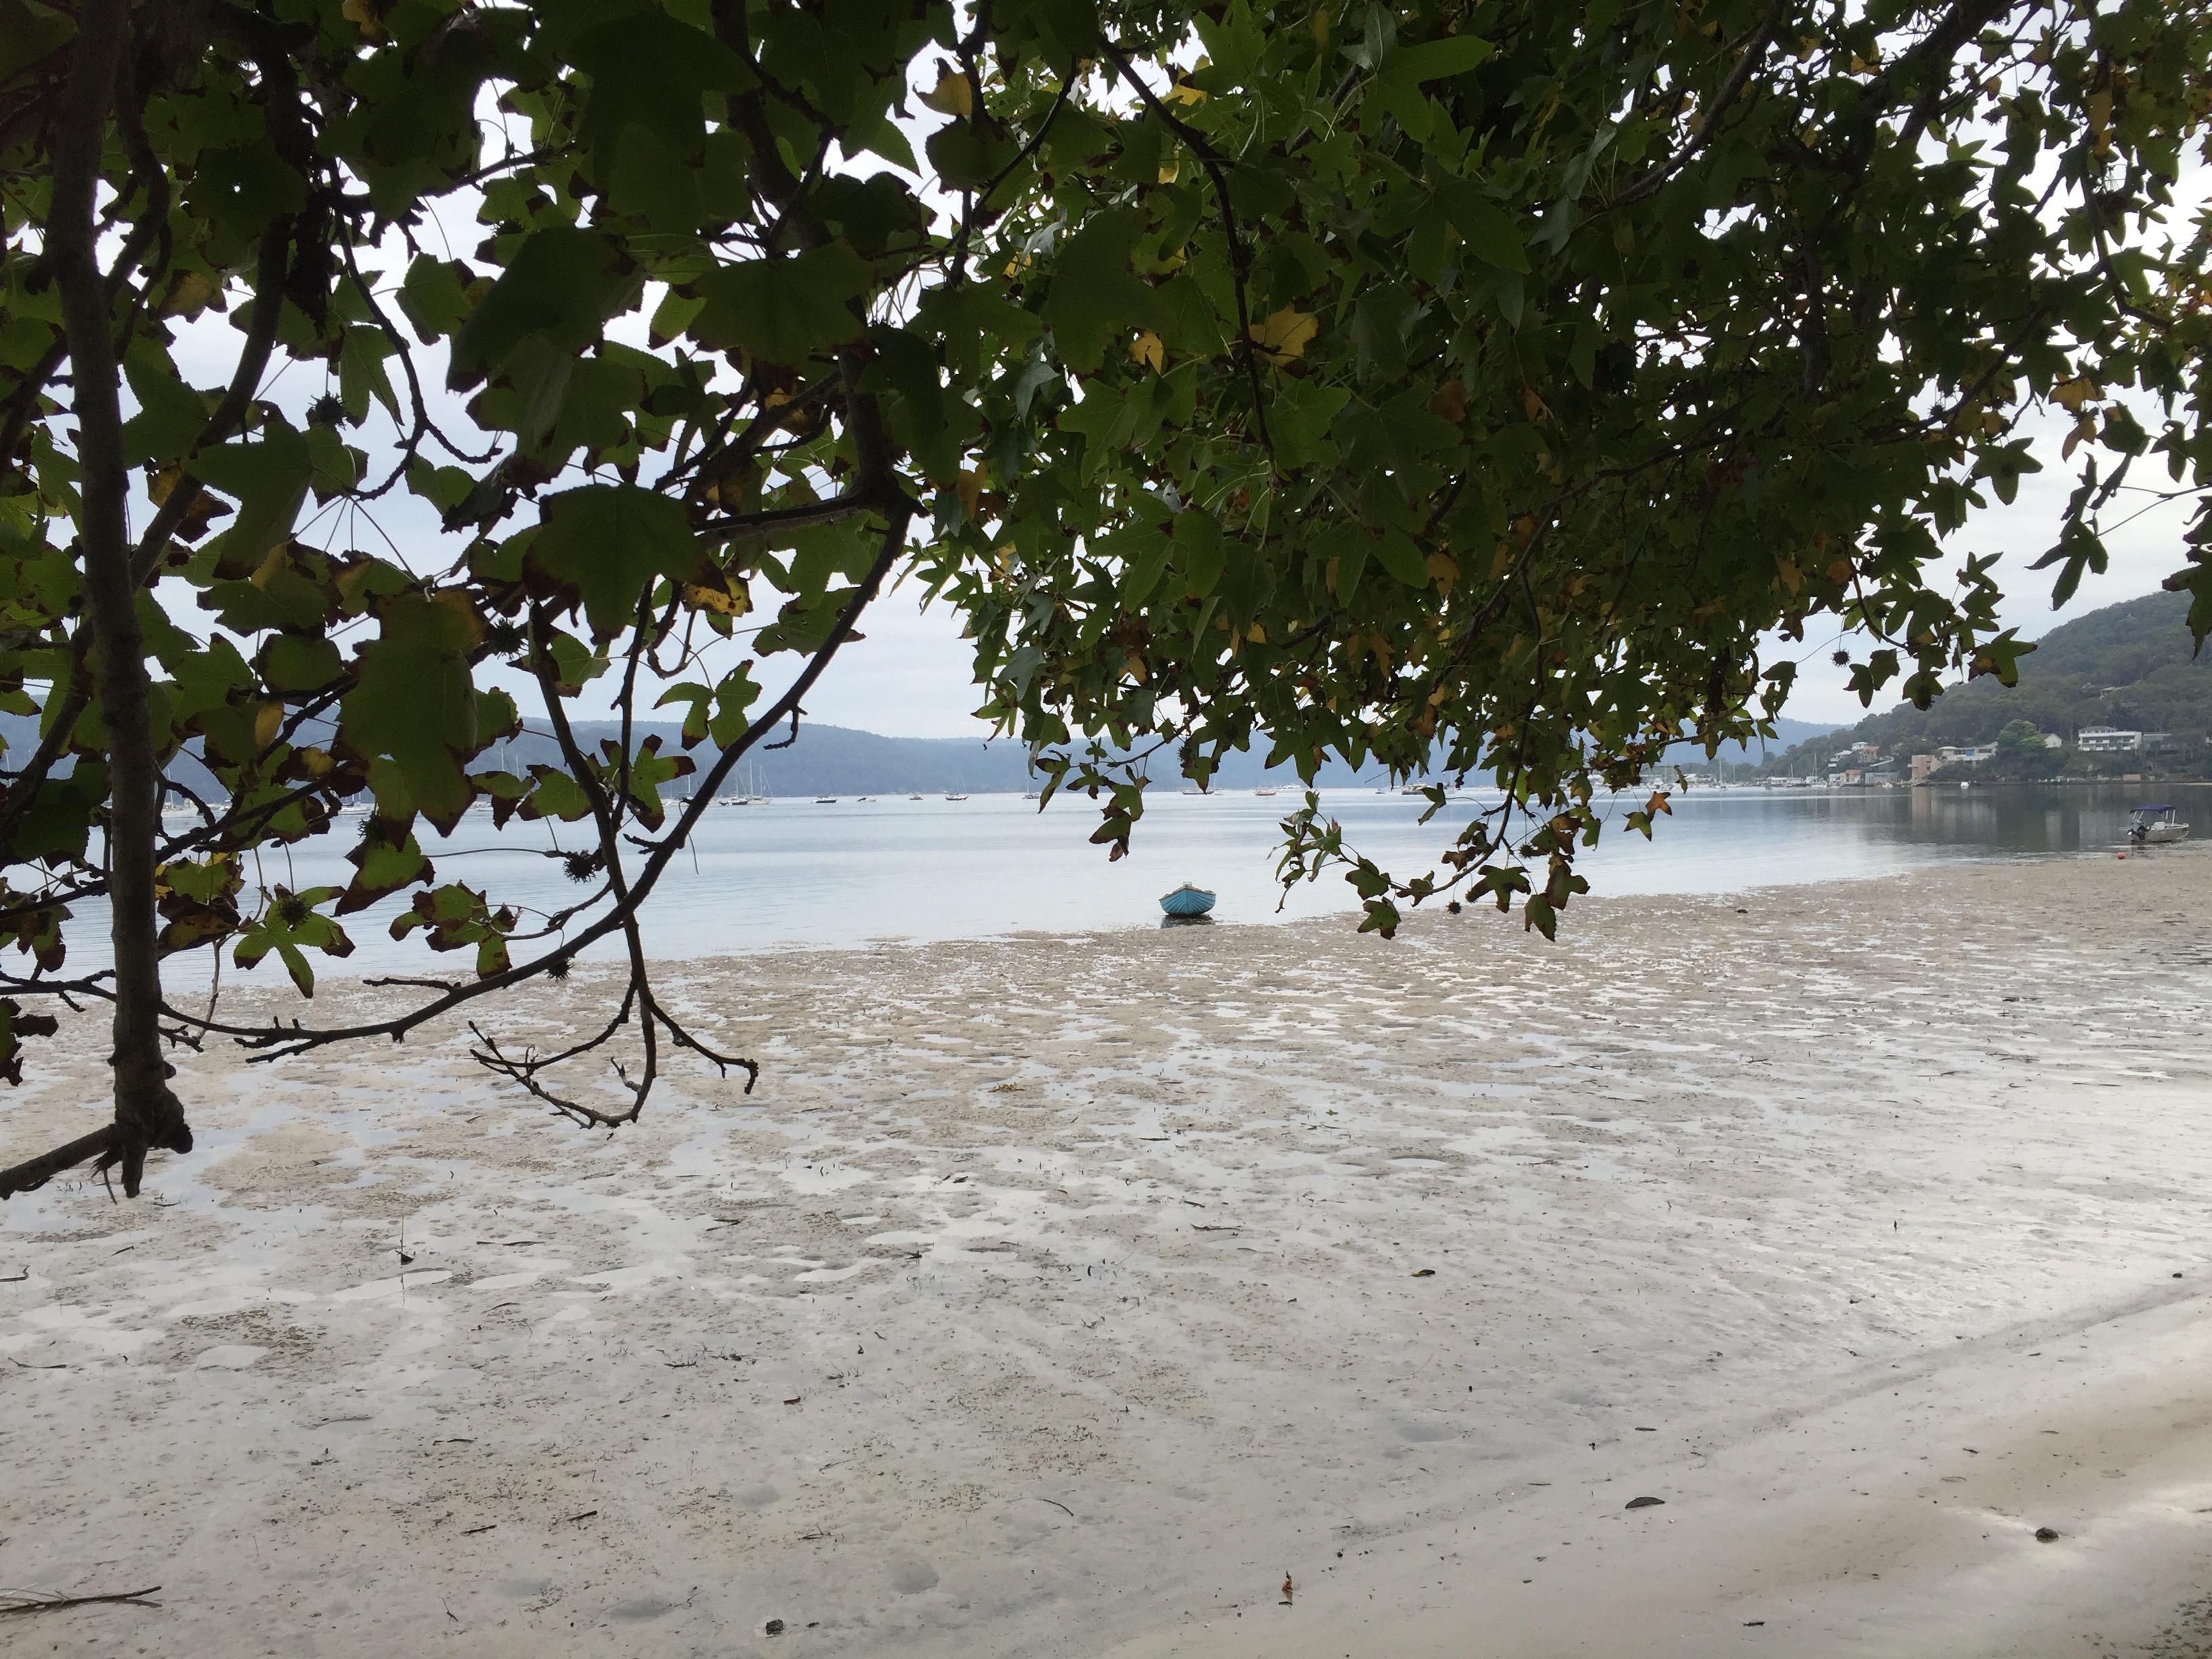 Tranquil boat scene